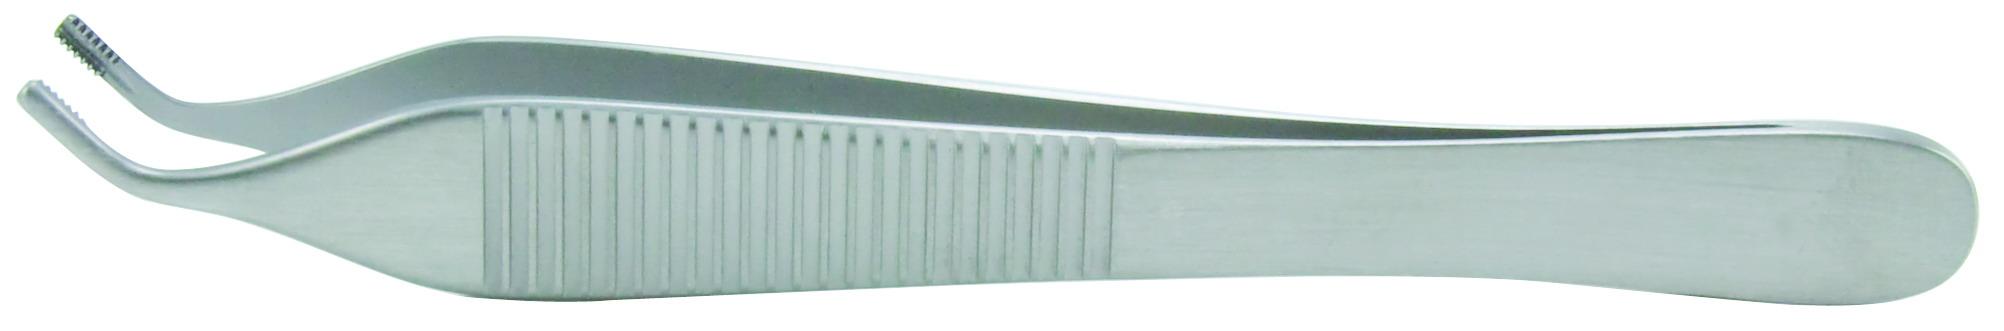 brown-adson-tissue-forceps-7-x-7-teeth-4-3-4-121-cm-angulr-6-126-miltex.jpg